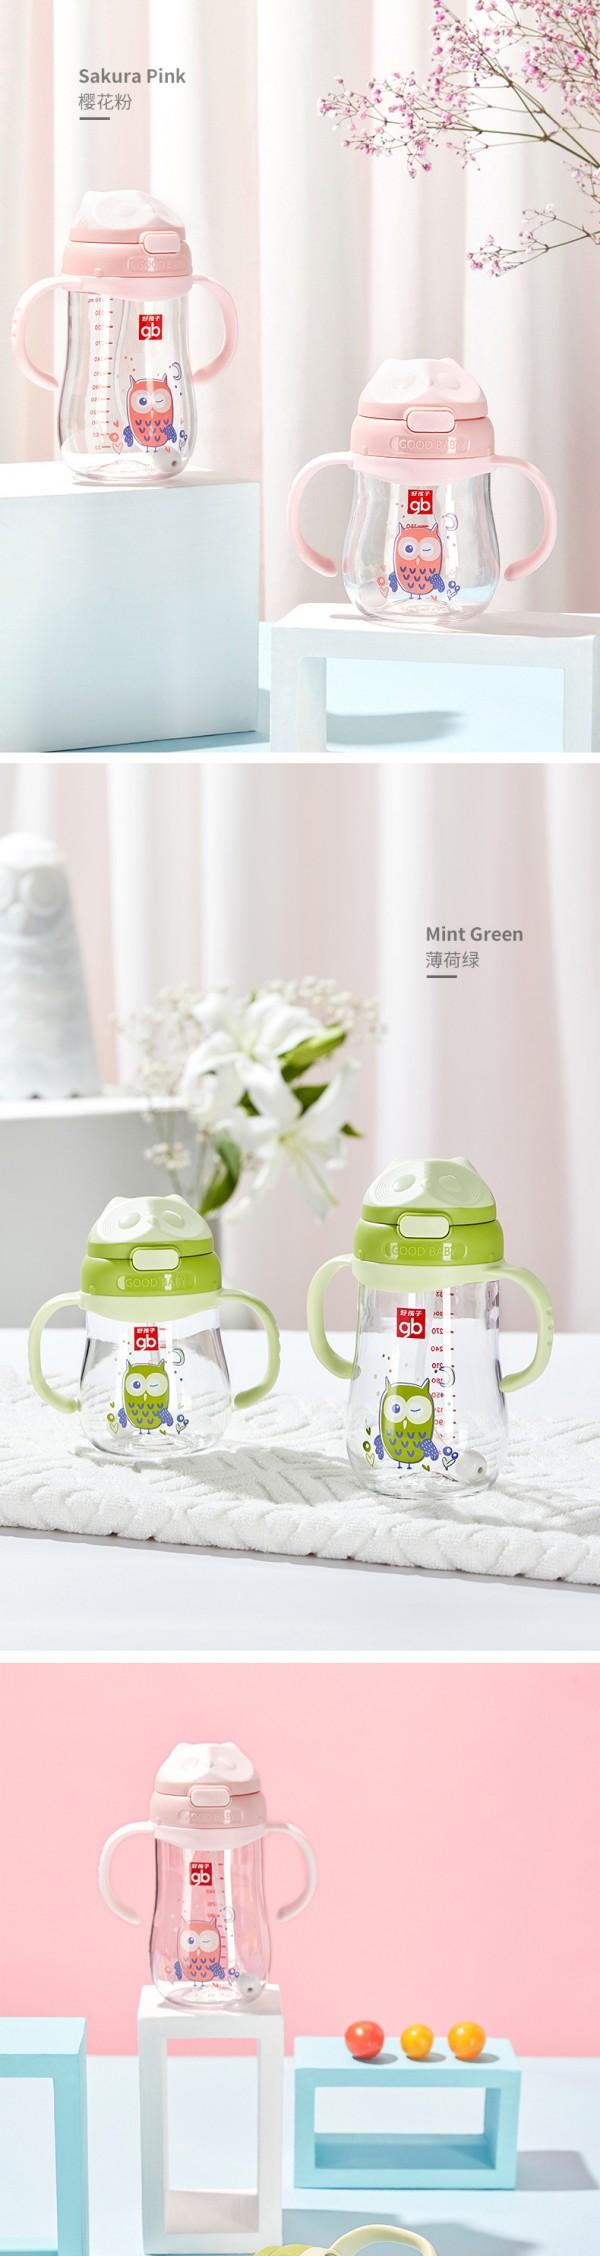 宝宝的学饮杯如何选购     gb好孩子儿童鸭嘴吸管学饮杯360°喝水无阻力·方便省力